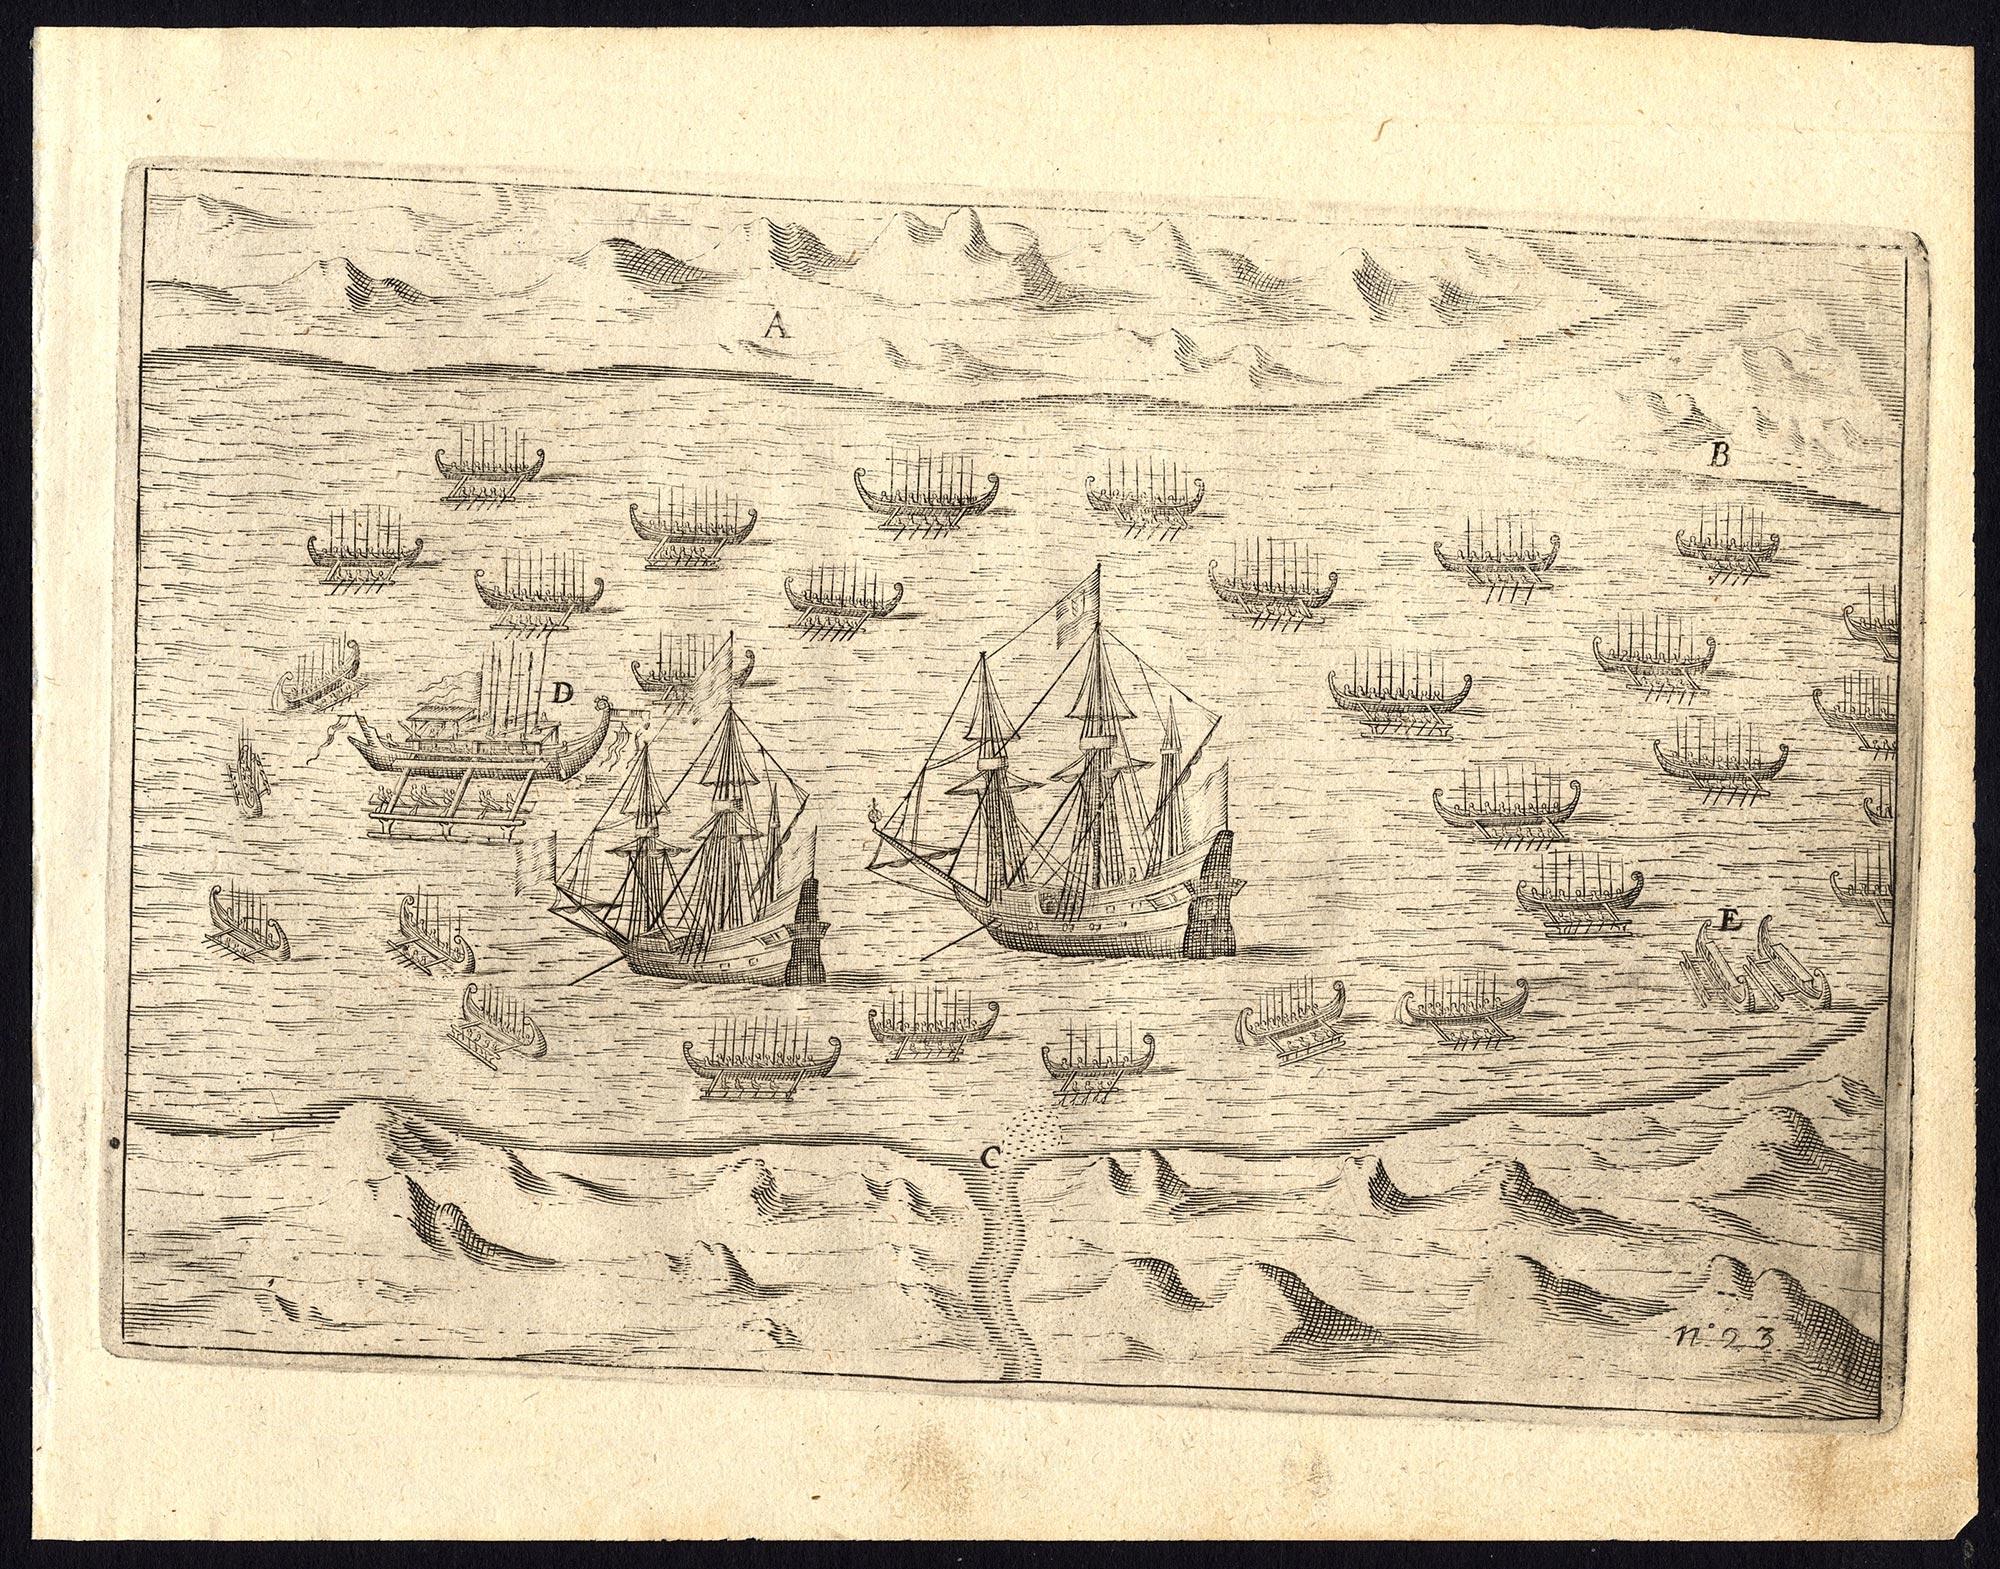 Pl. 23 Afteeckeninge van 't Eylandt Ternate - Commelin (1646)